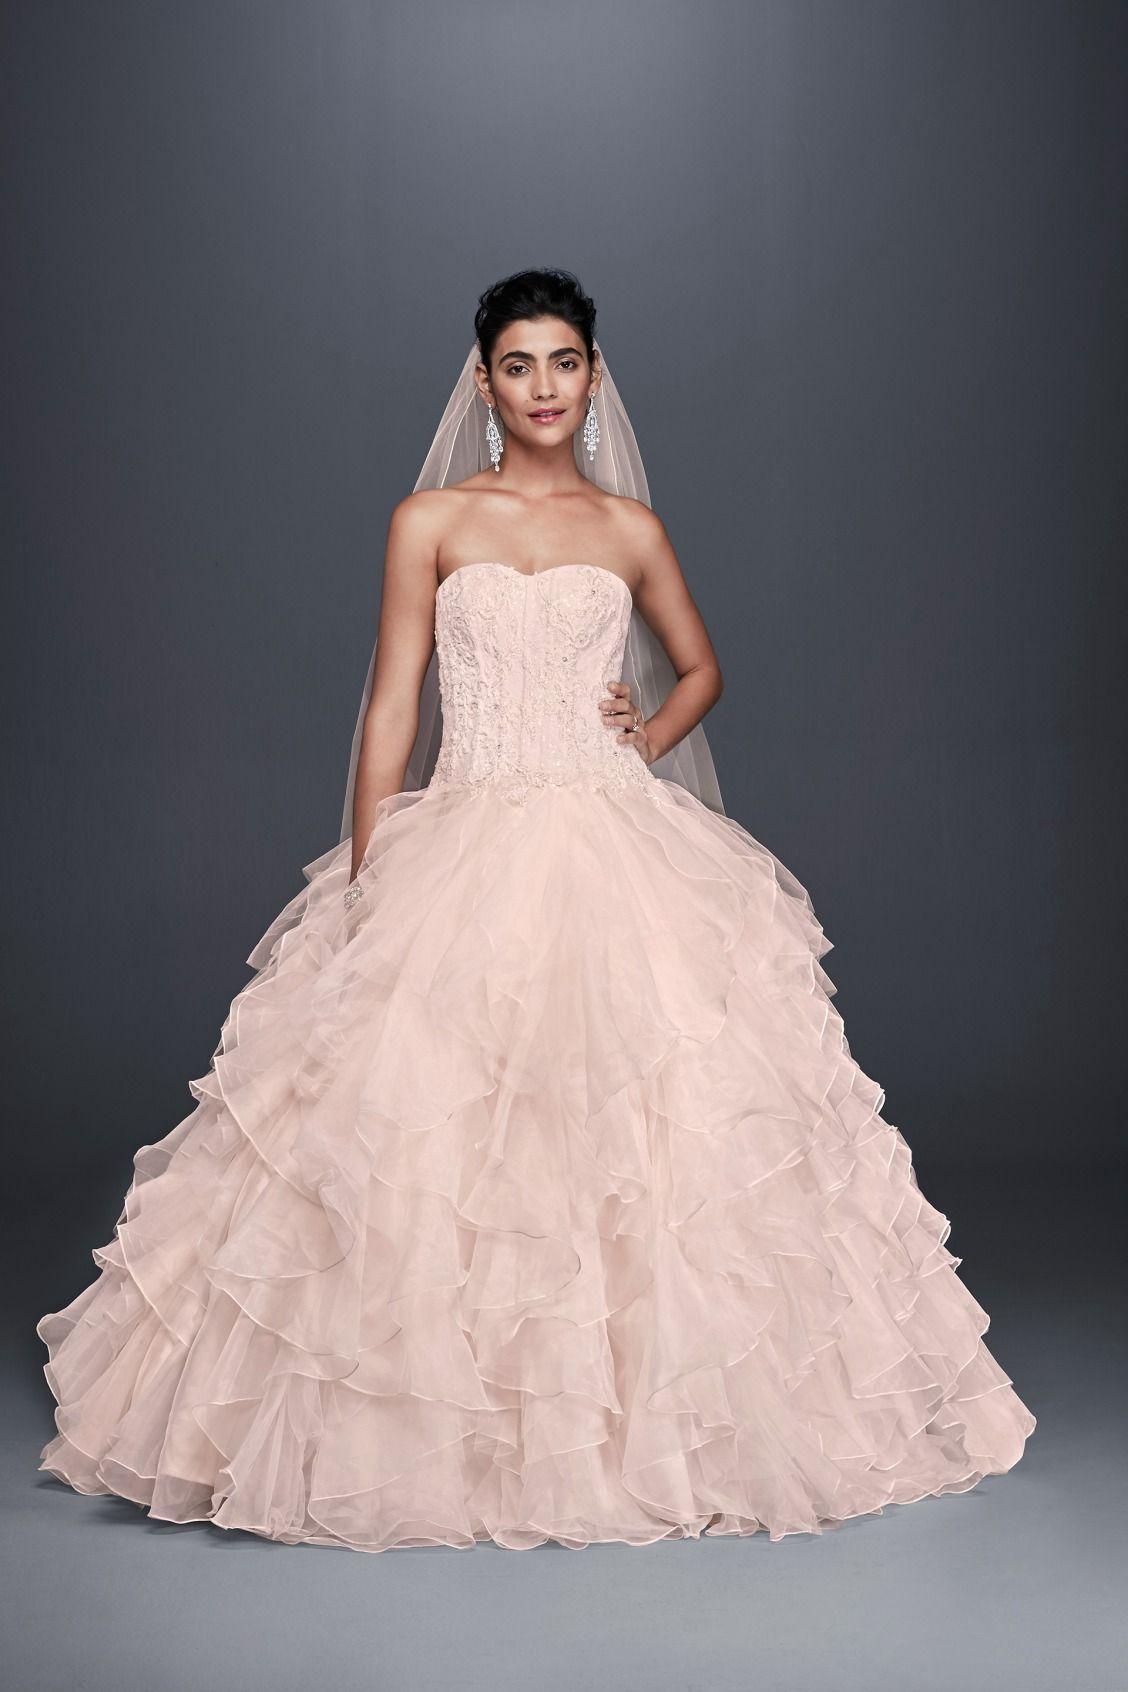 5fc27883e3cf Whisper Pink Strapless Ruffled Skirt Ball Gown Oleg Cassini Wedding Dress  at David's Bridal